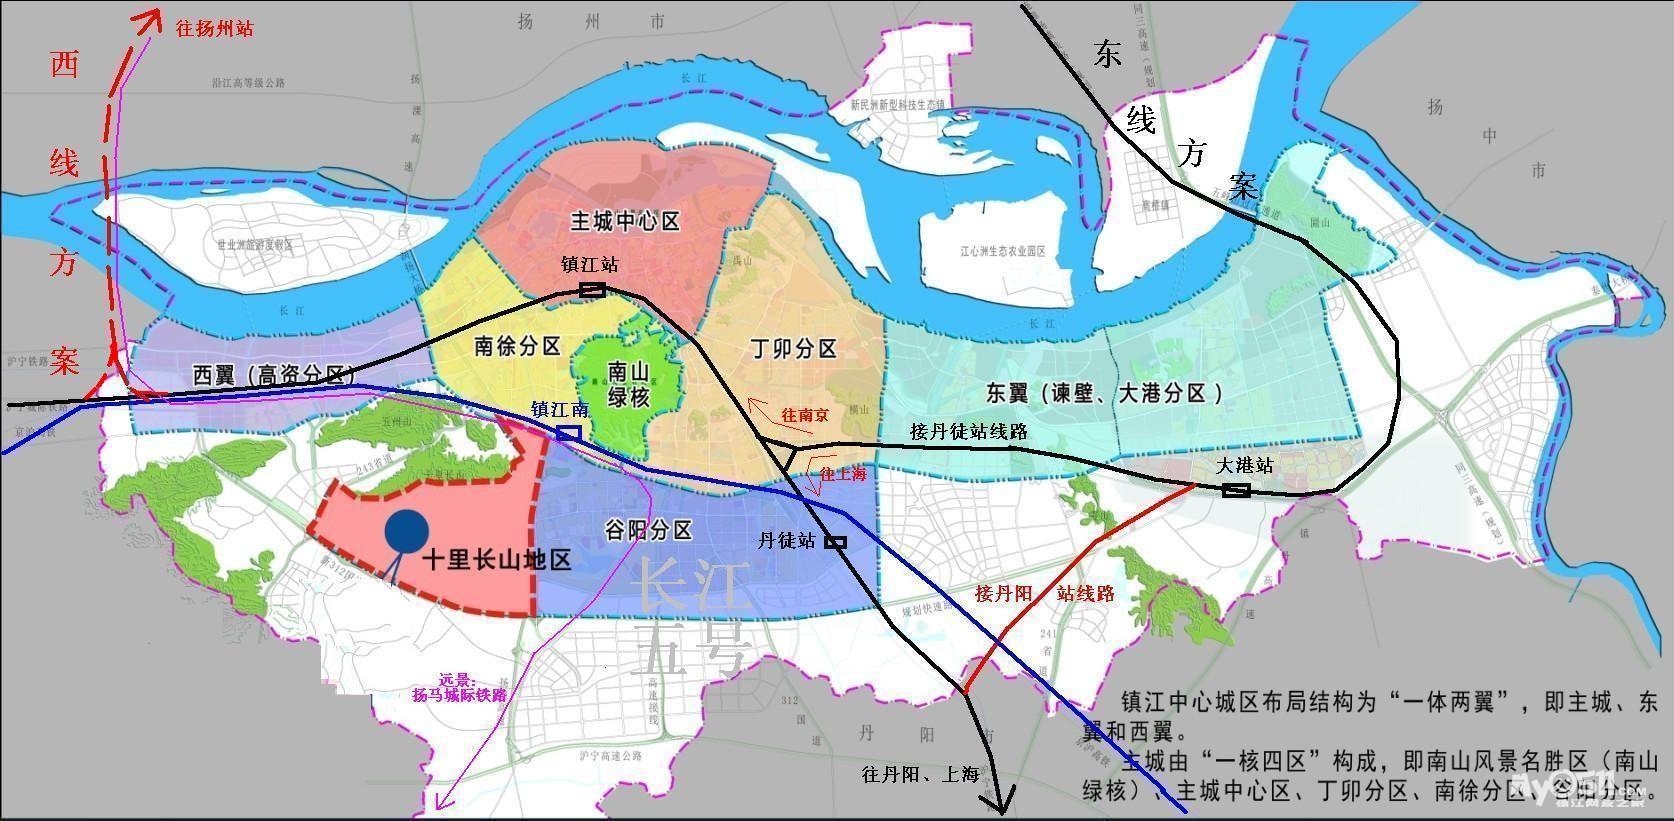 影响镇江未来的连淮扬镇铁路图片